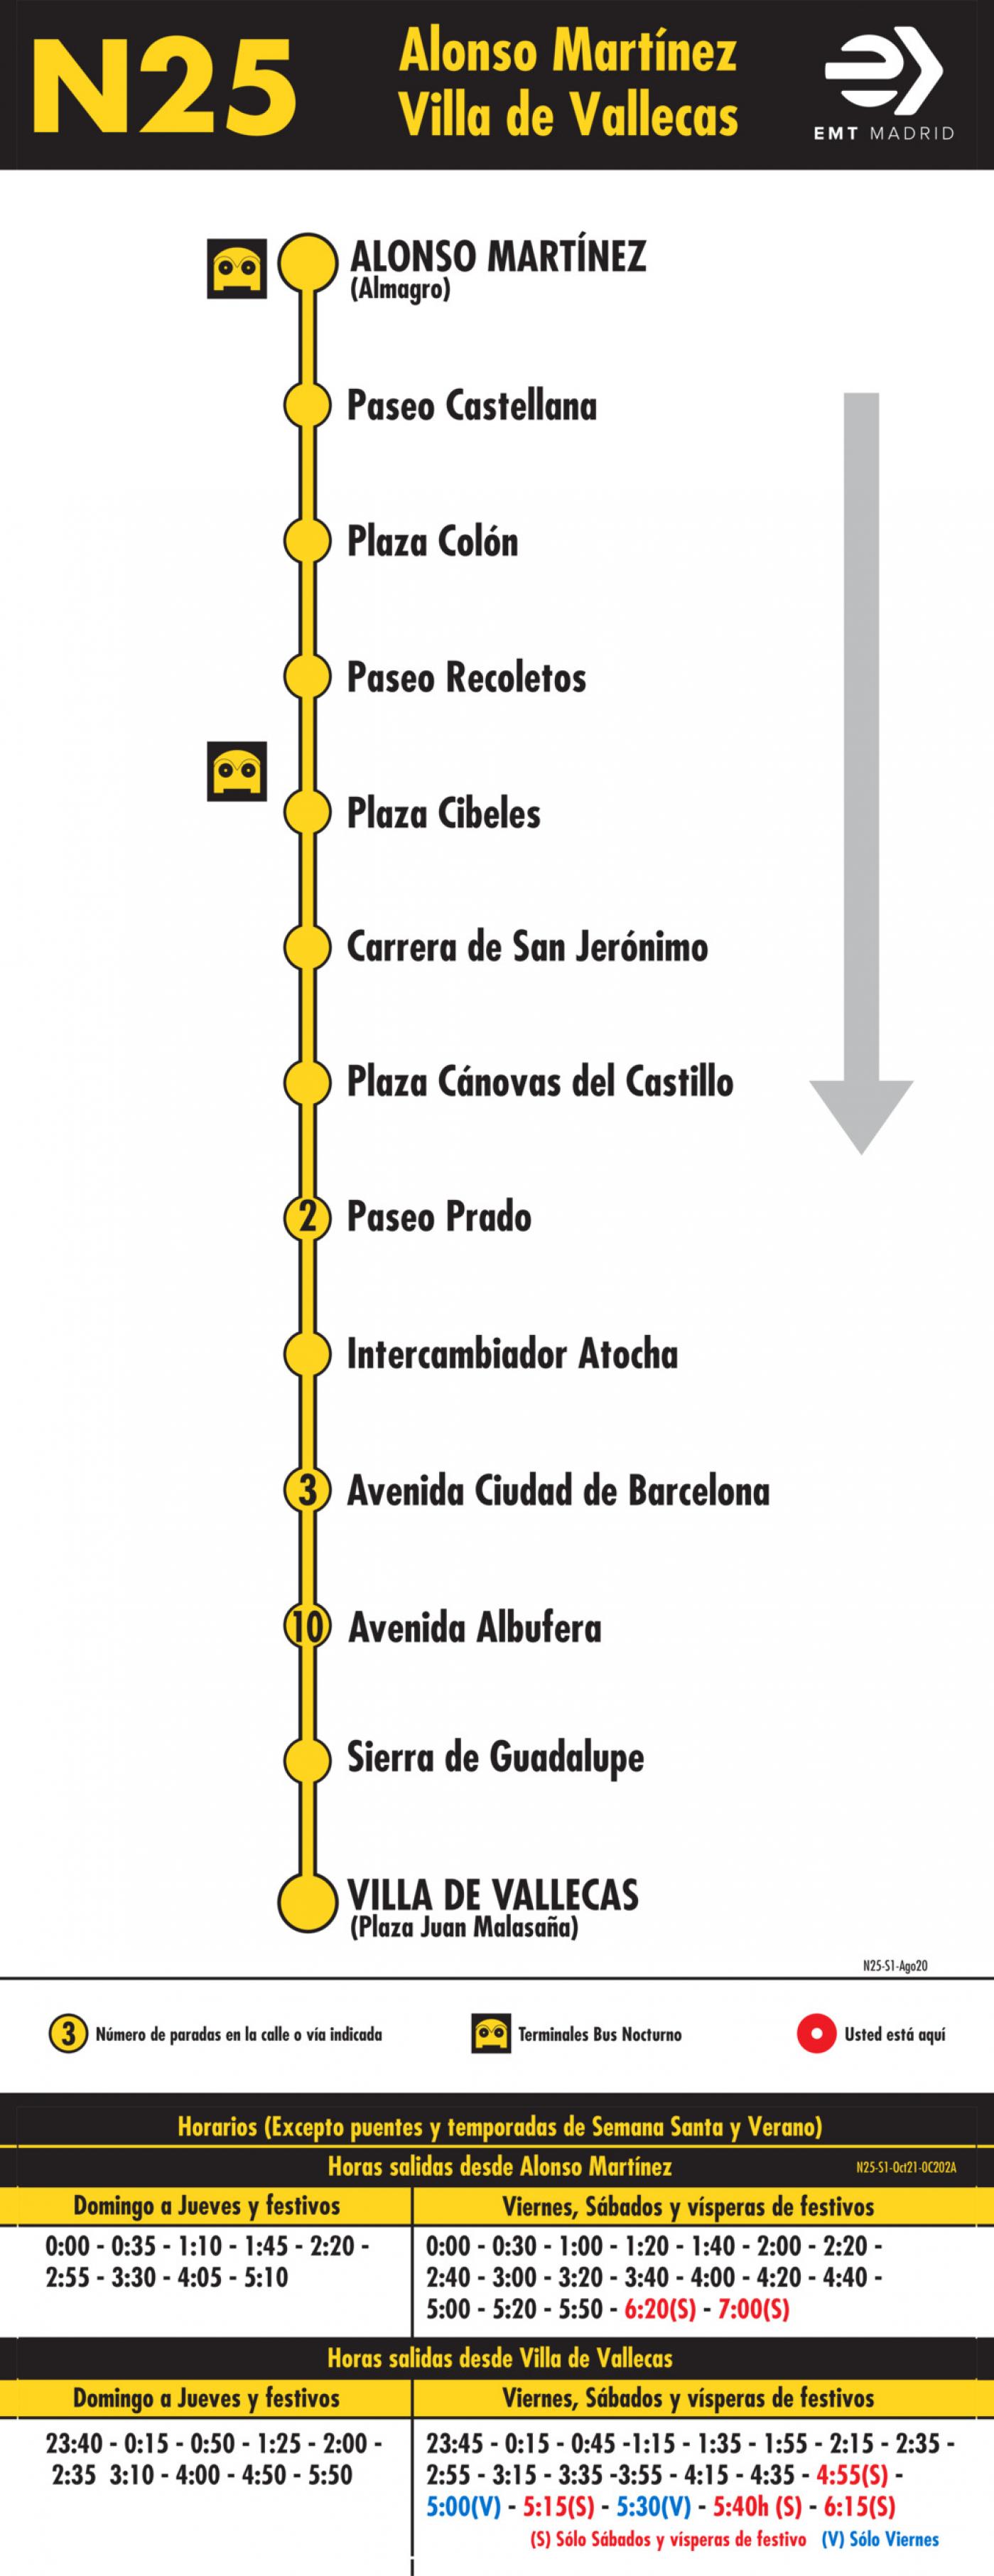 Tabla de horarios y frecuencias de paso en sentido ida Línea N25: Alonso Martínez - Villa de Vallecas (búho)